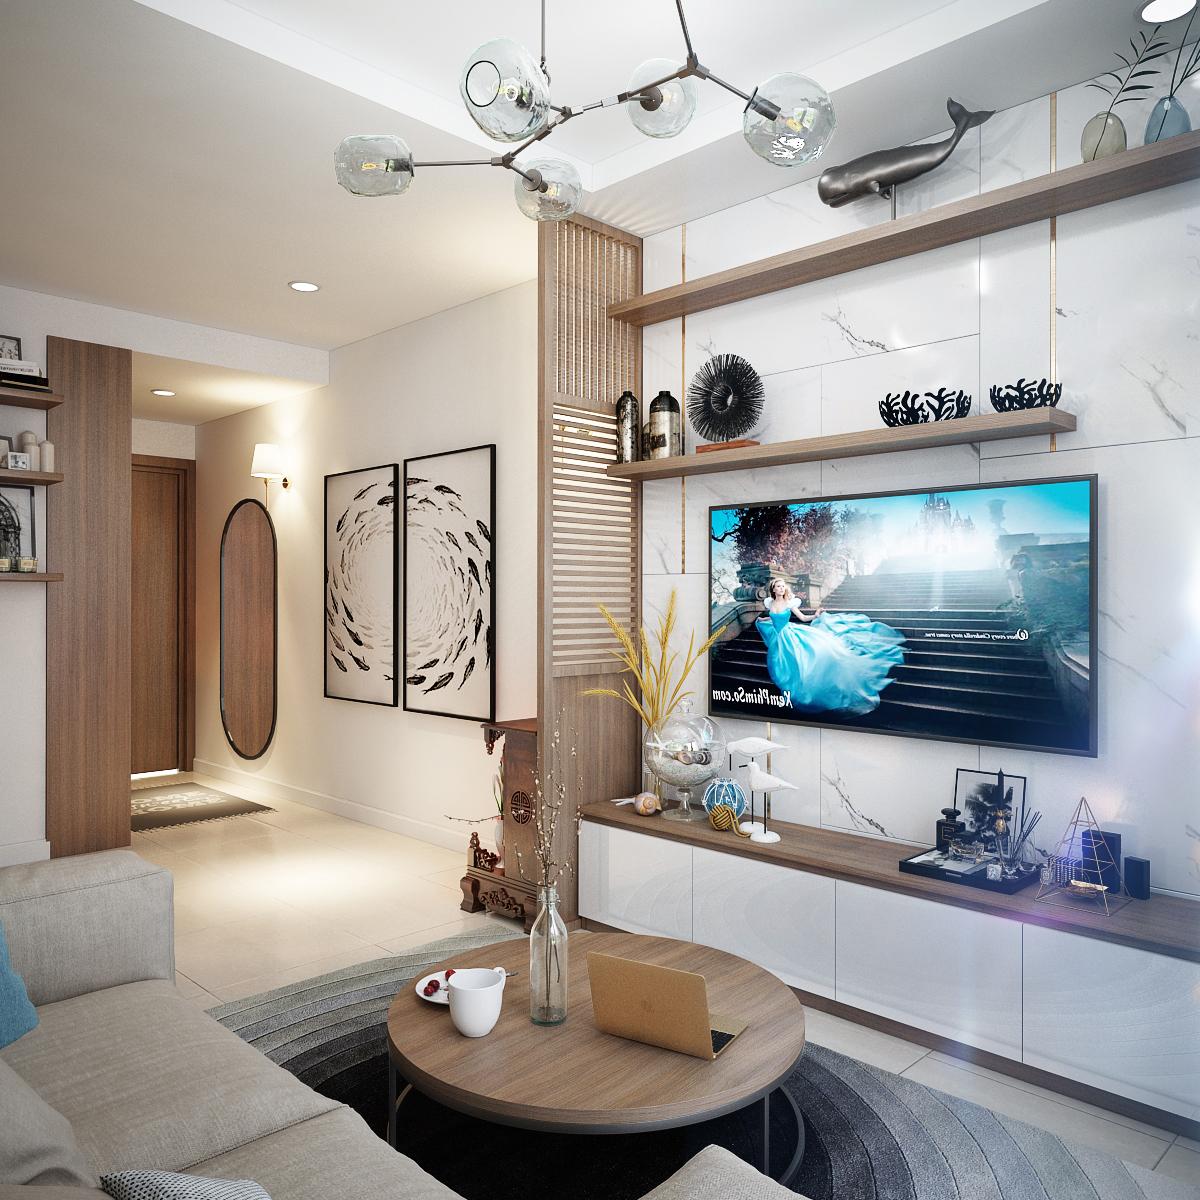 Thiết kế nội thất Chung Cư tại Hồ Chí Minh Anh Tú_Hausneo 1576125813 5